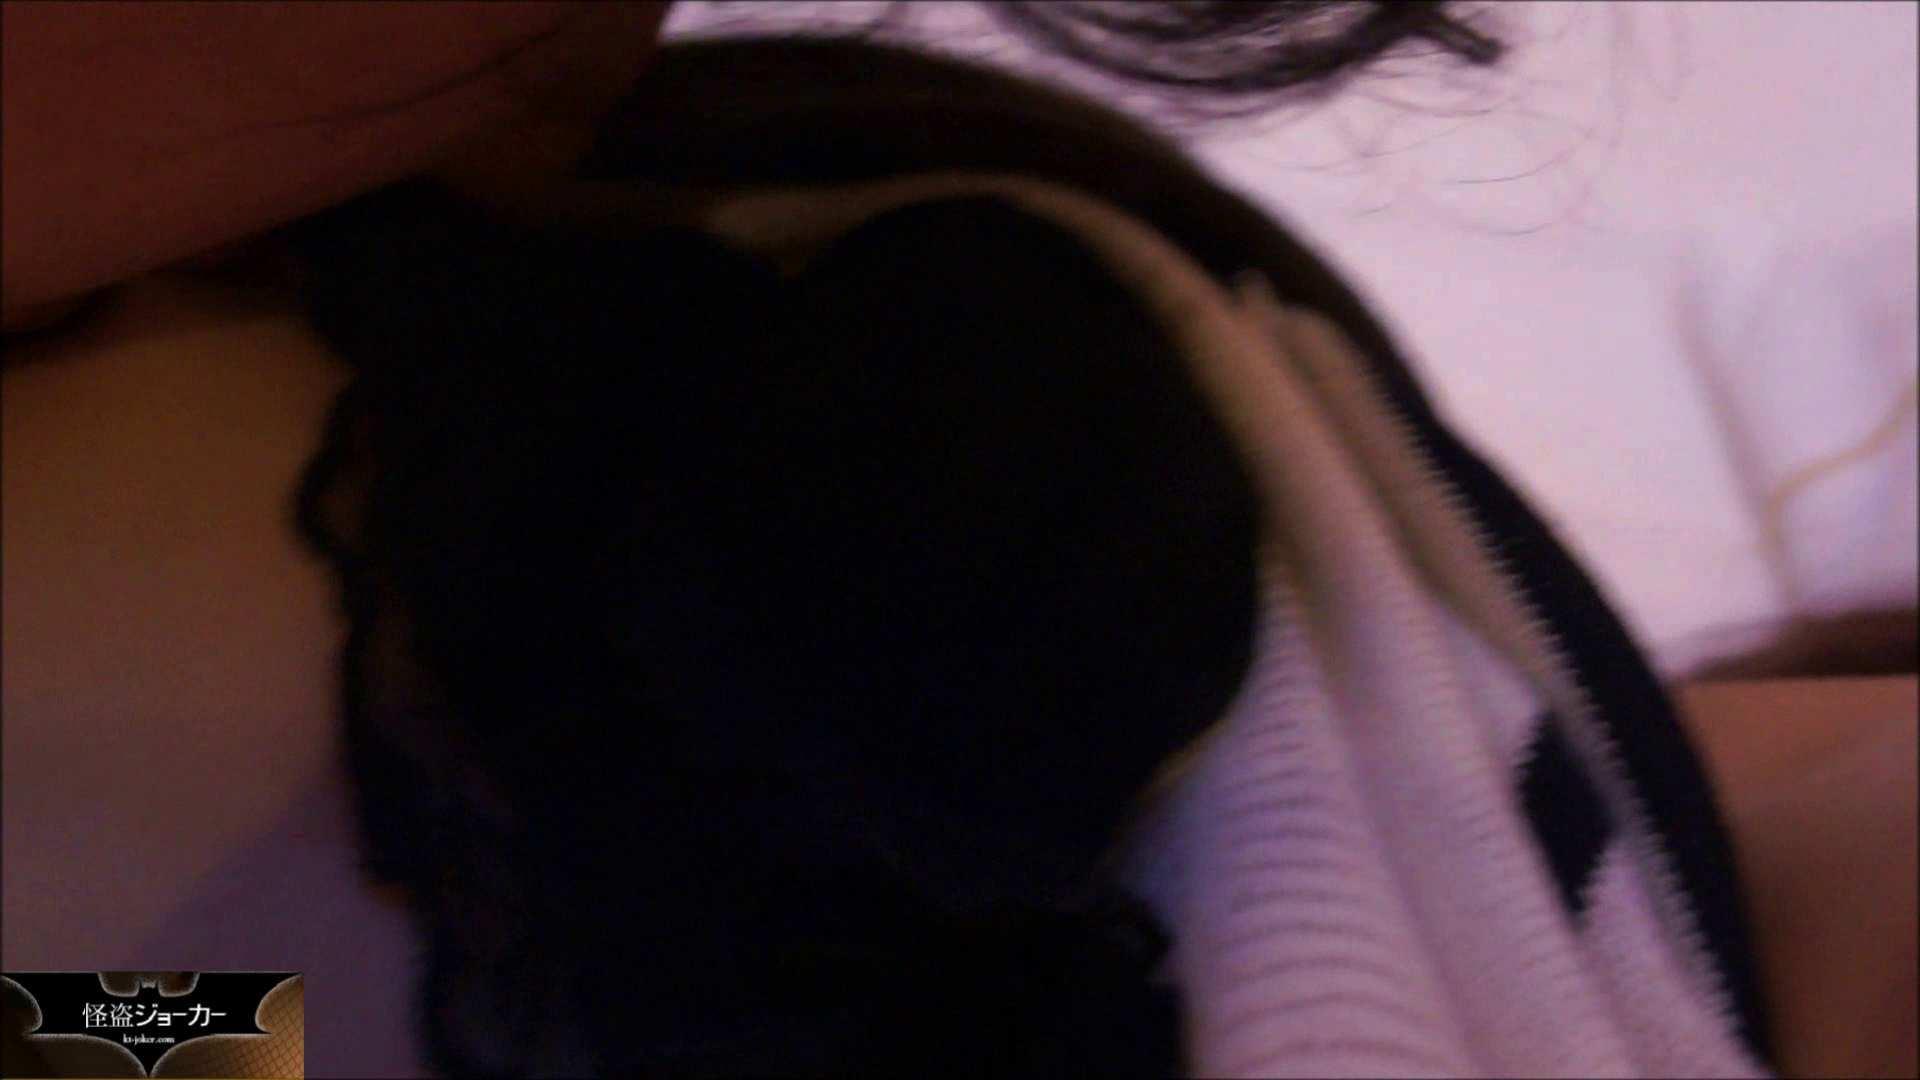 【俺の2人の愛嬢】【未公開】vol.34 【援交】葉月ちゃん・・・清楚からの豹変 丸見えマンコ | ギャル  81画像 30